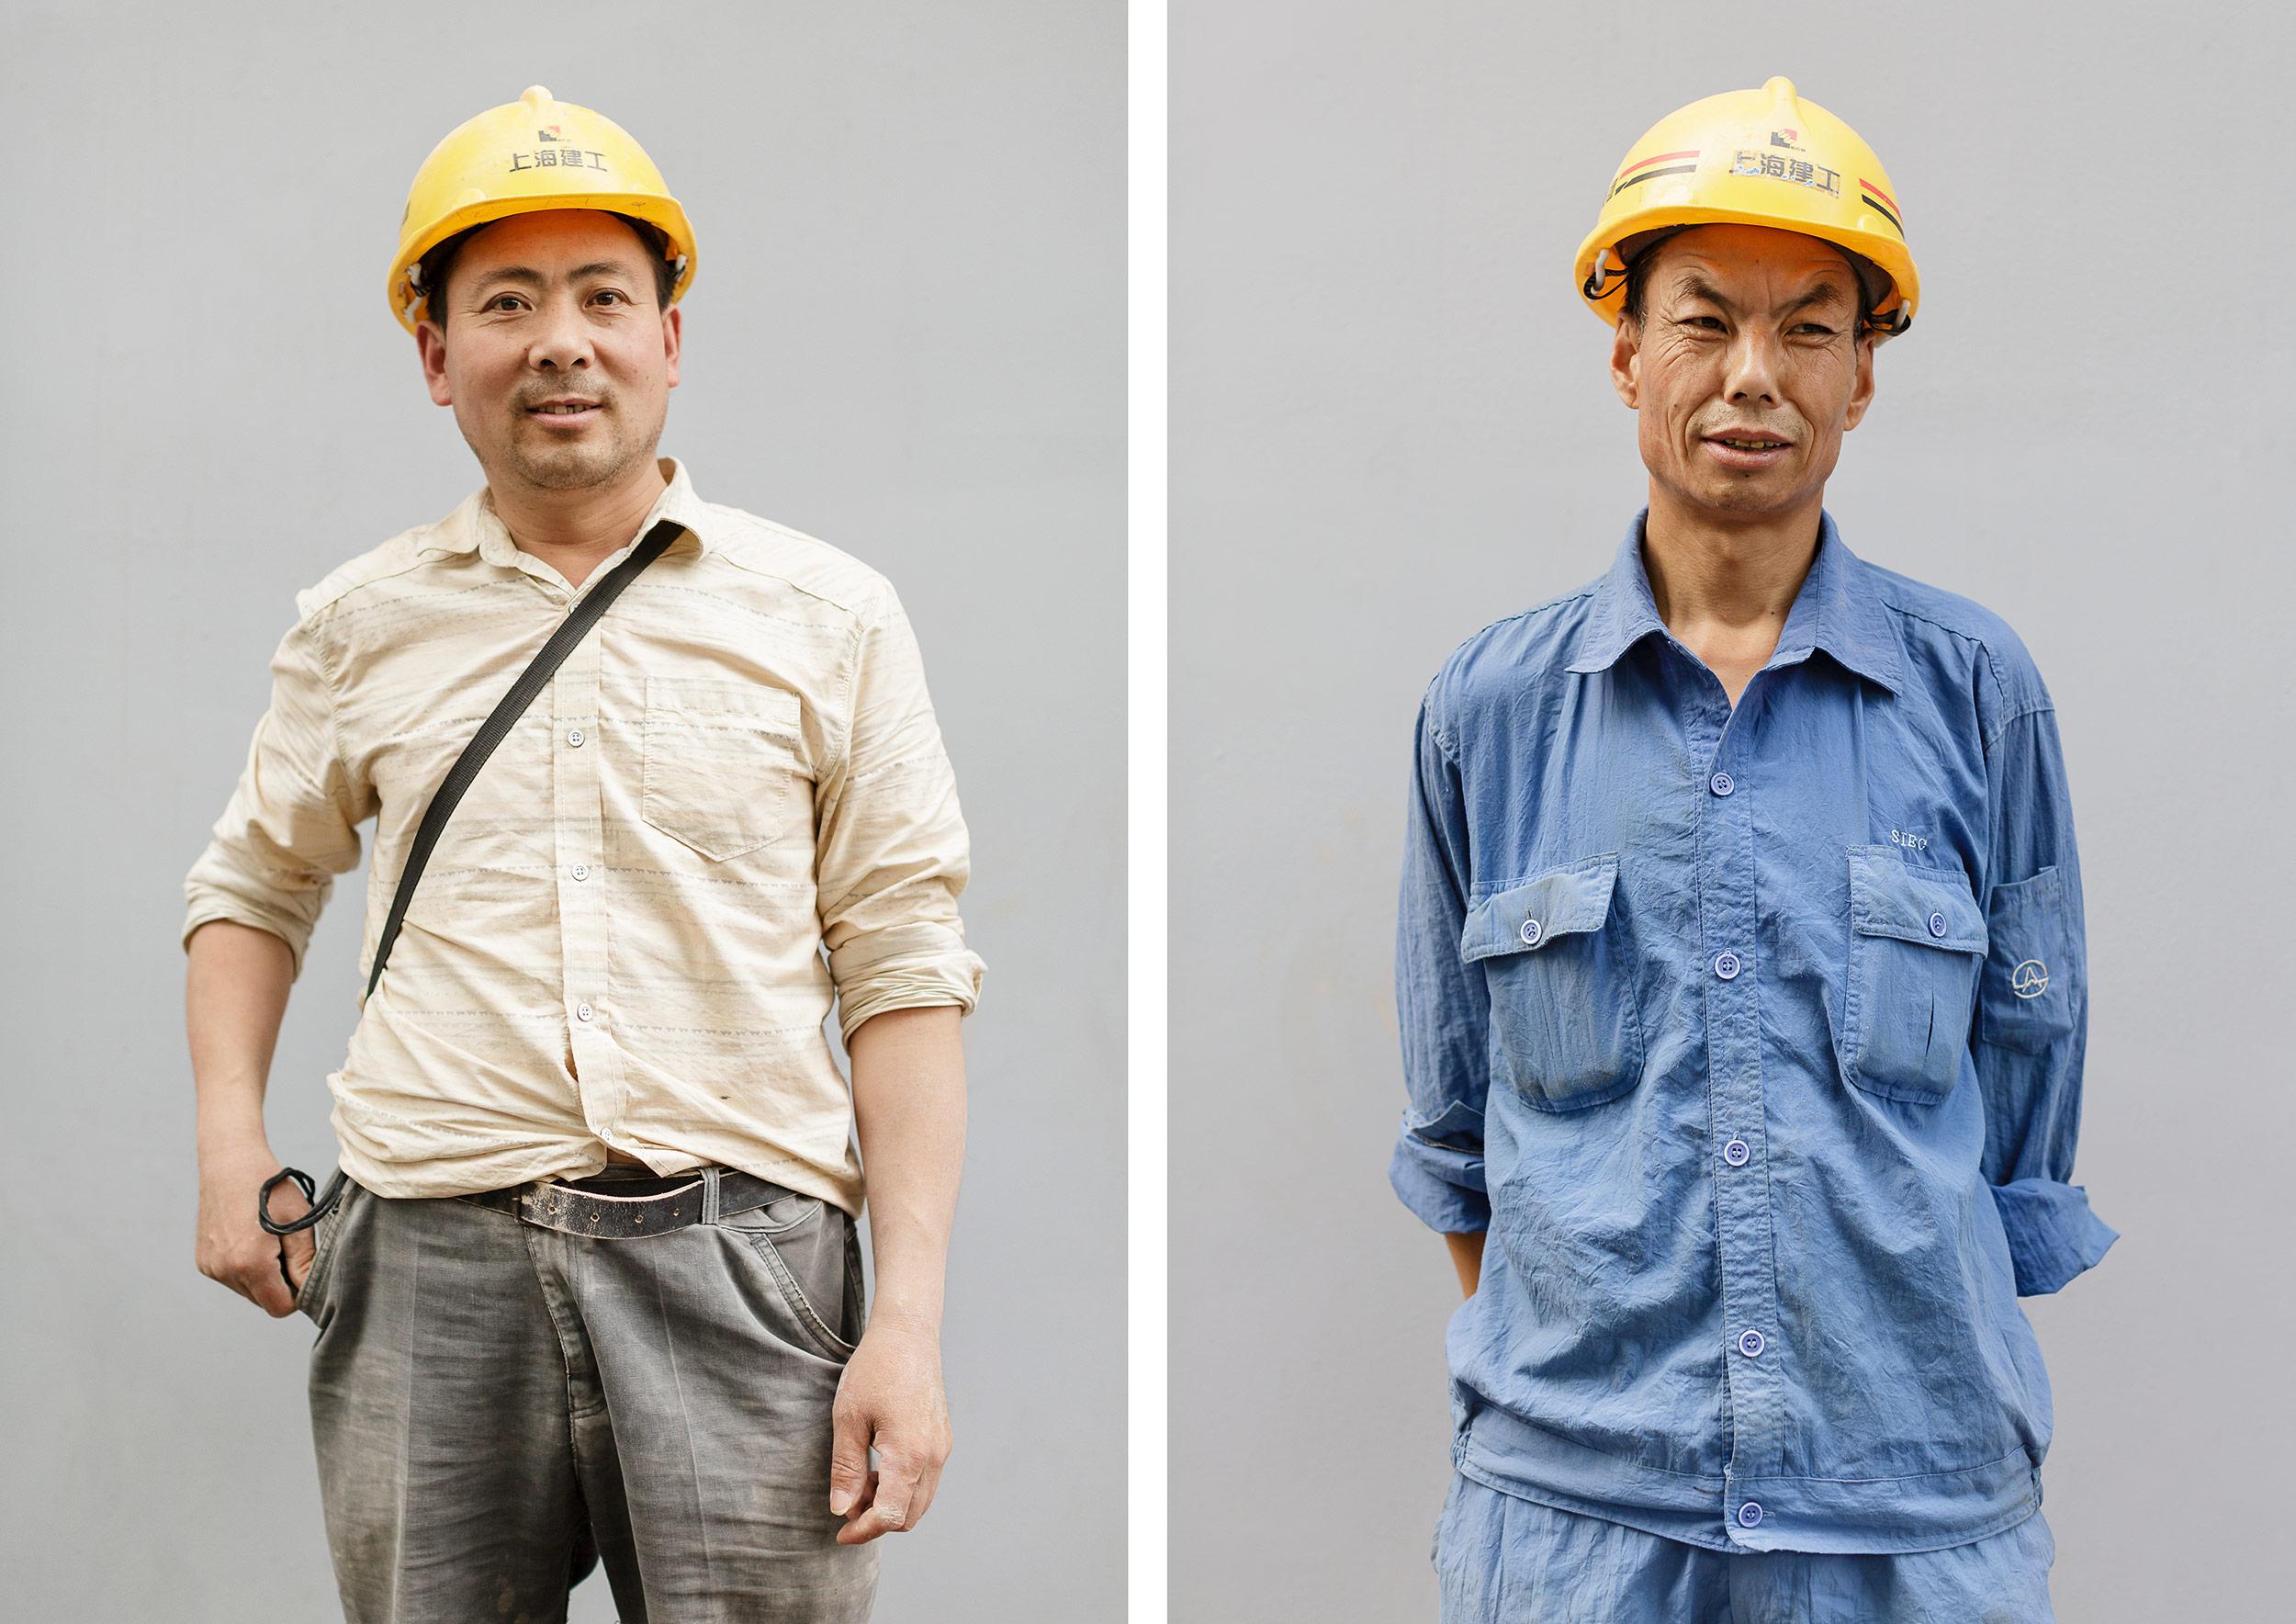 Workers19.jpg